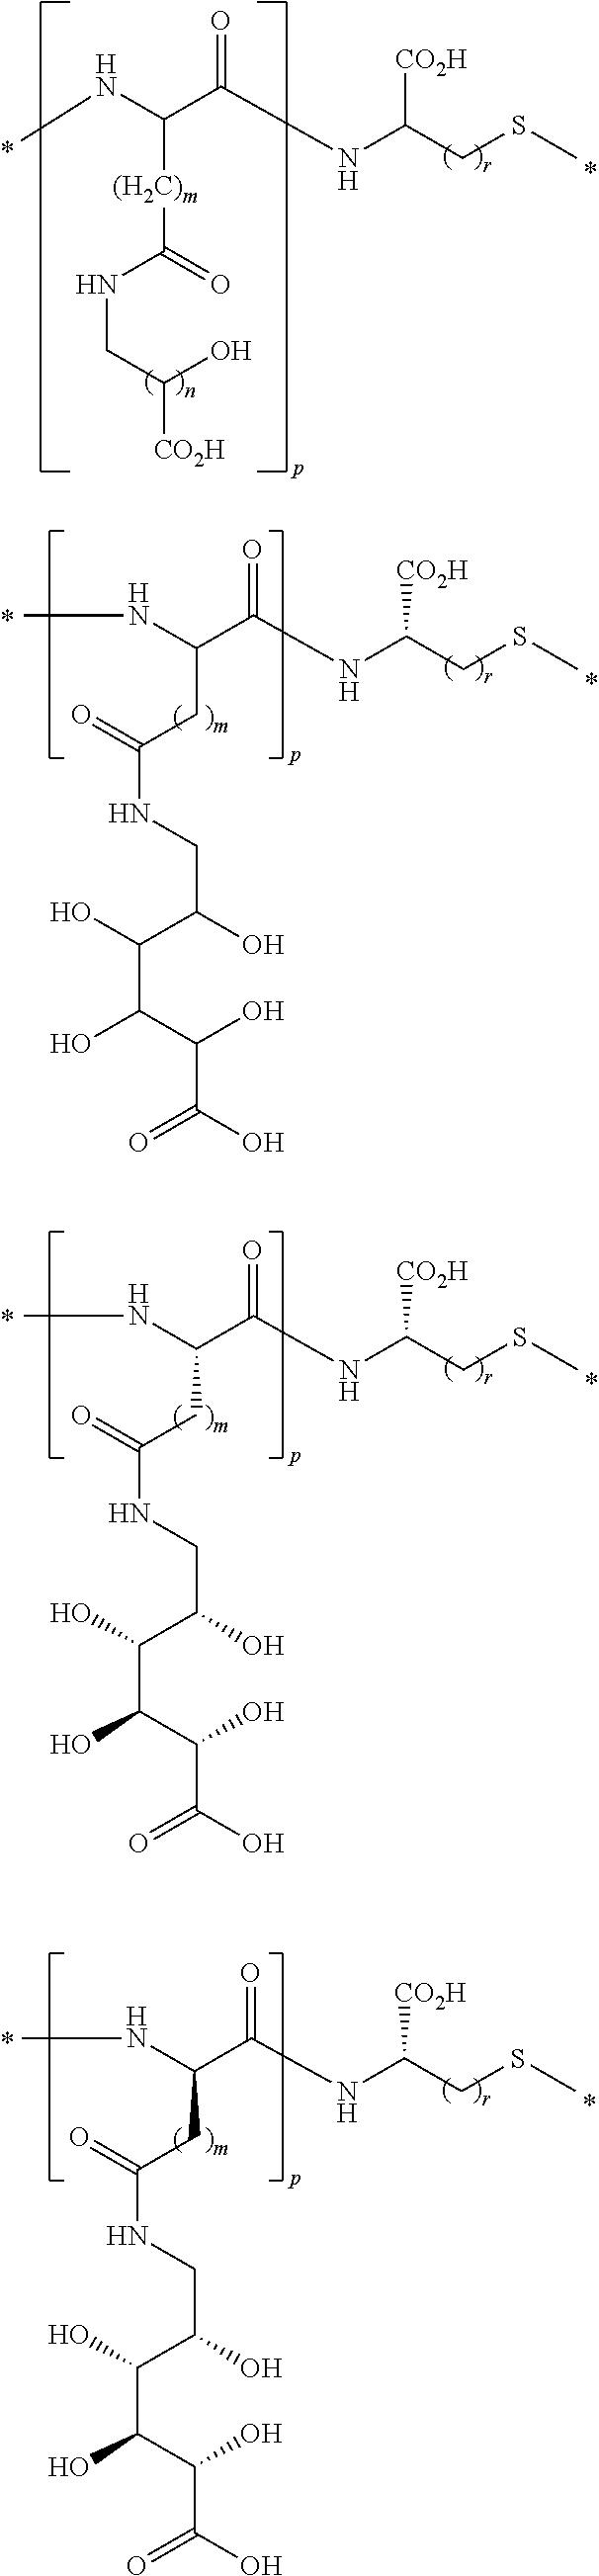 Figure US09662402-20170530-C00055